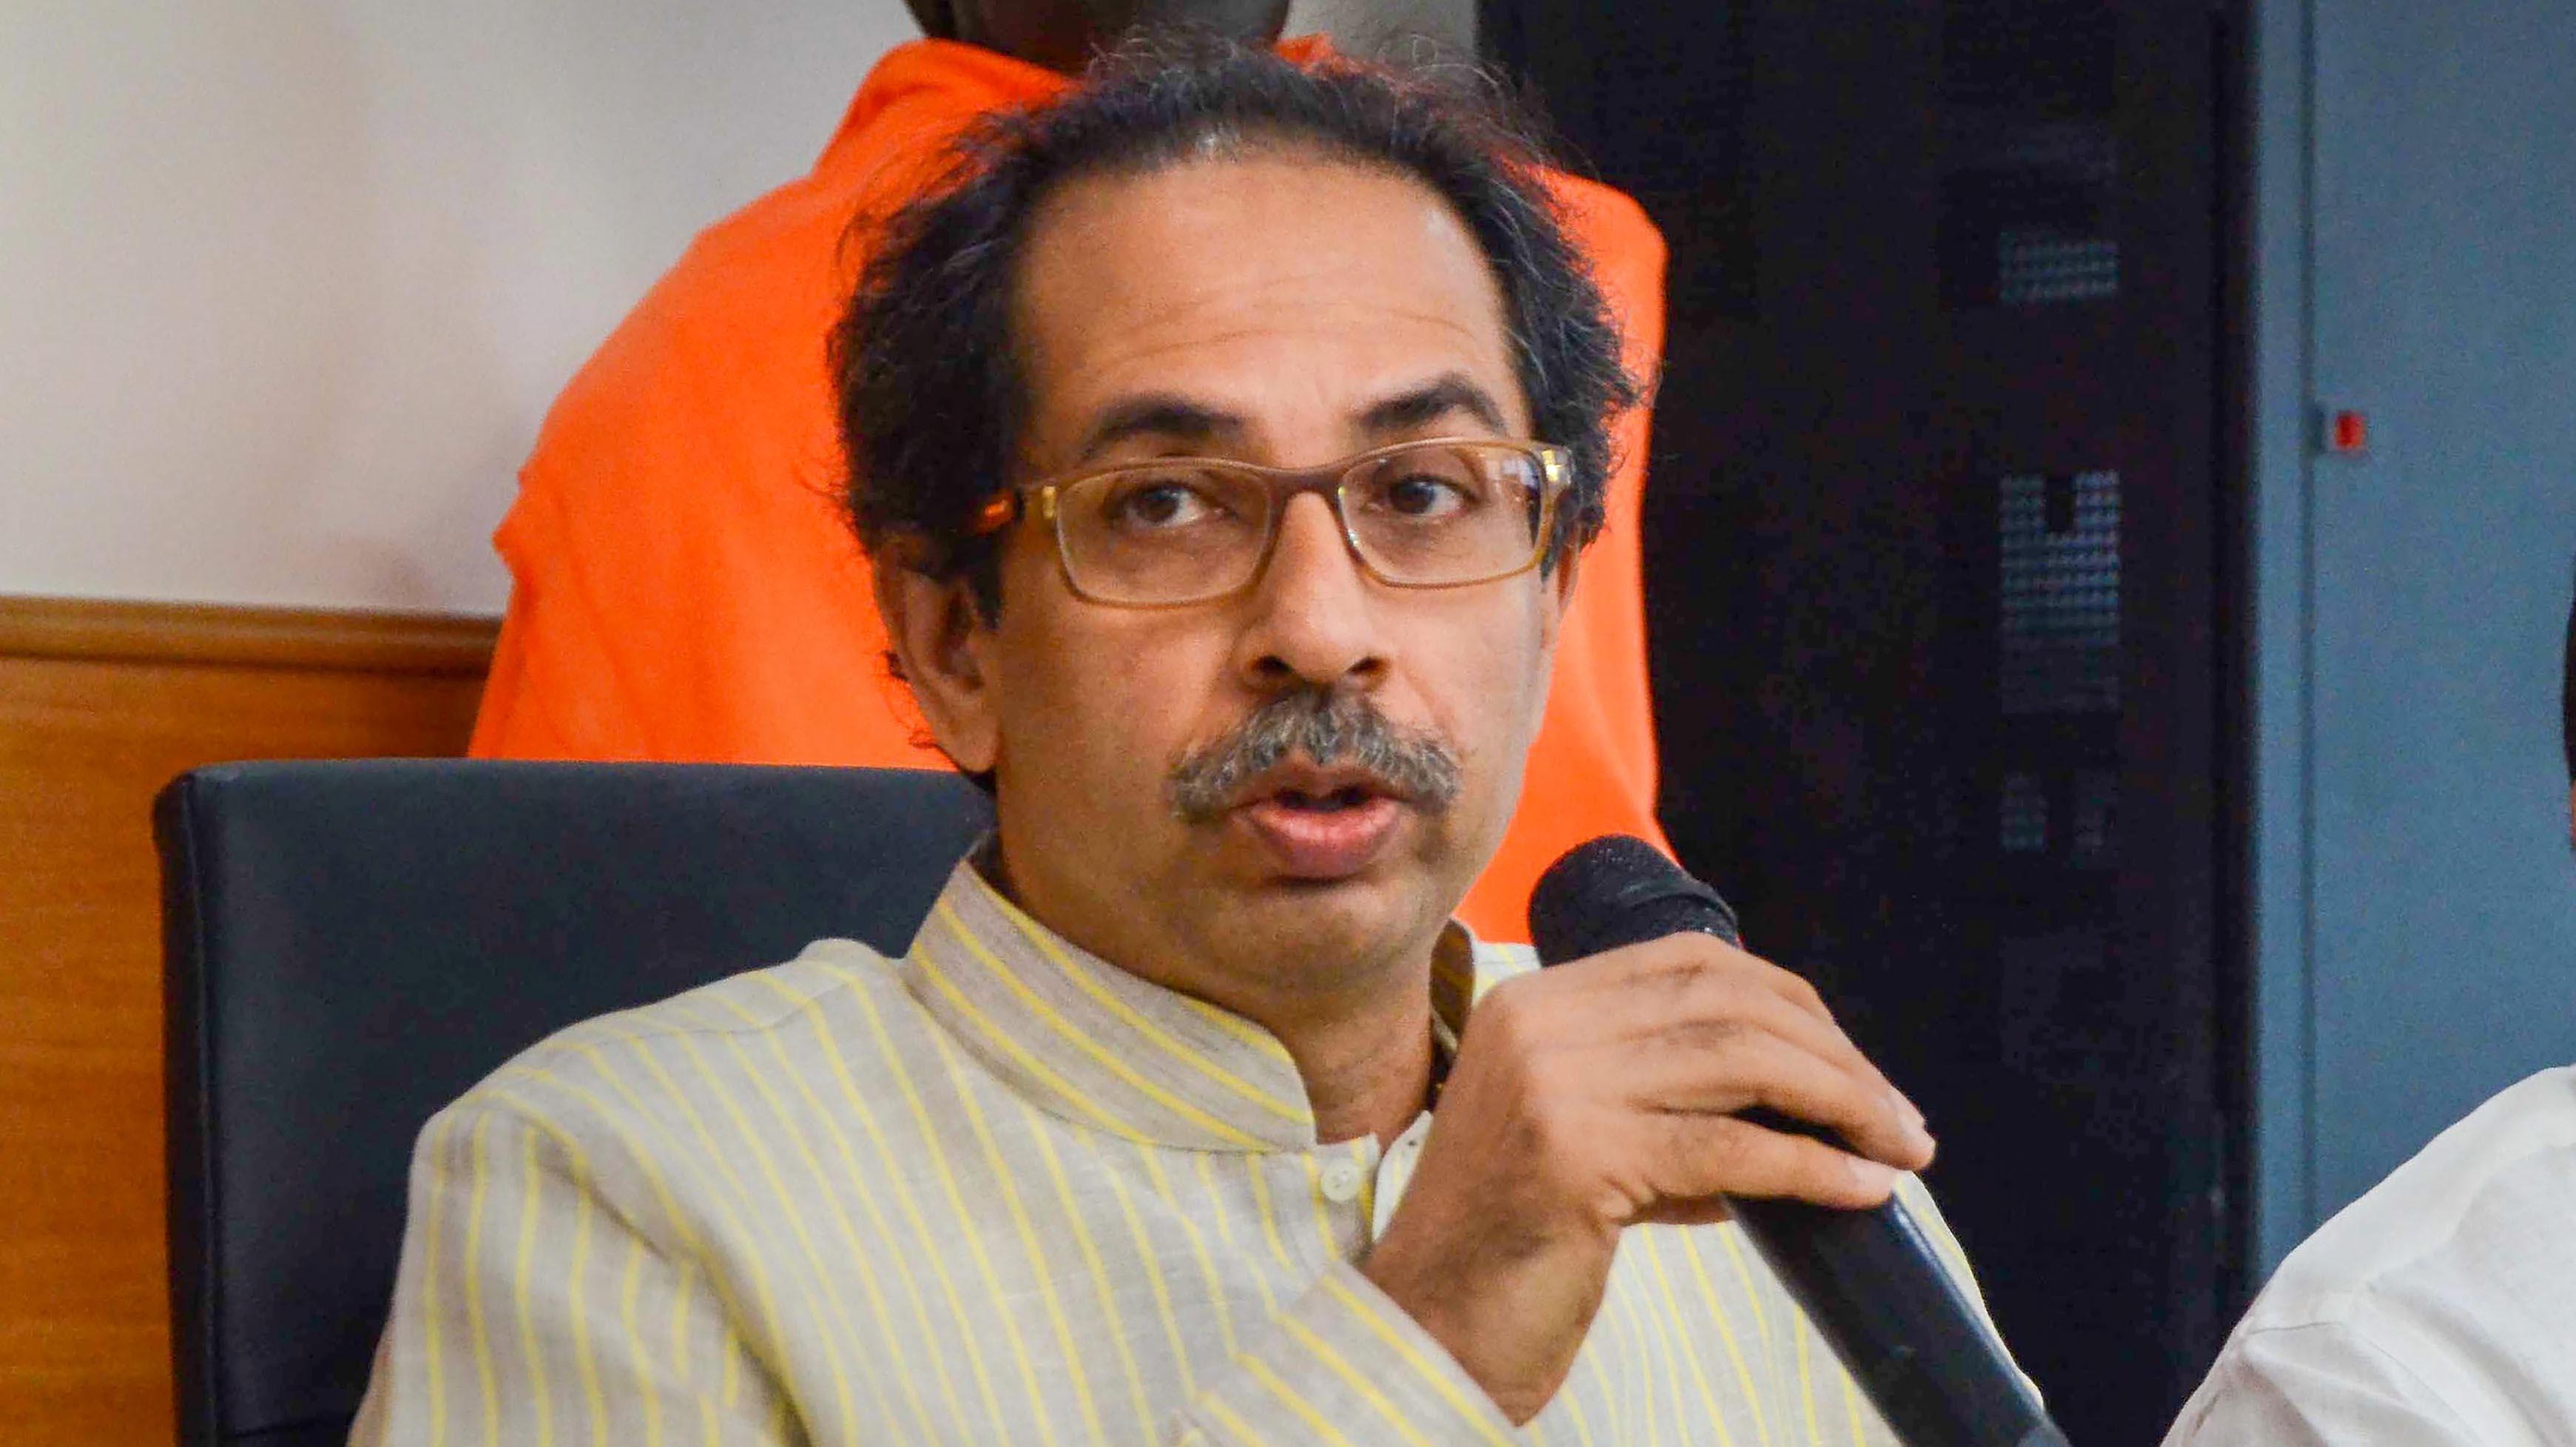 उद्धव ने शिवसेना सांसदों से कहा,'अपने क्षेत्रों पर दें ध्यान, BJP से गठबंधन का मुद्दा मुझ पर छोड़ें'